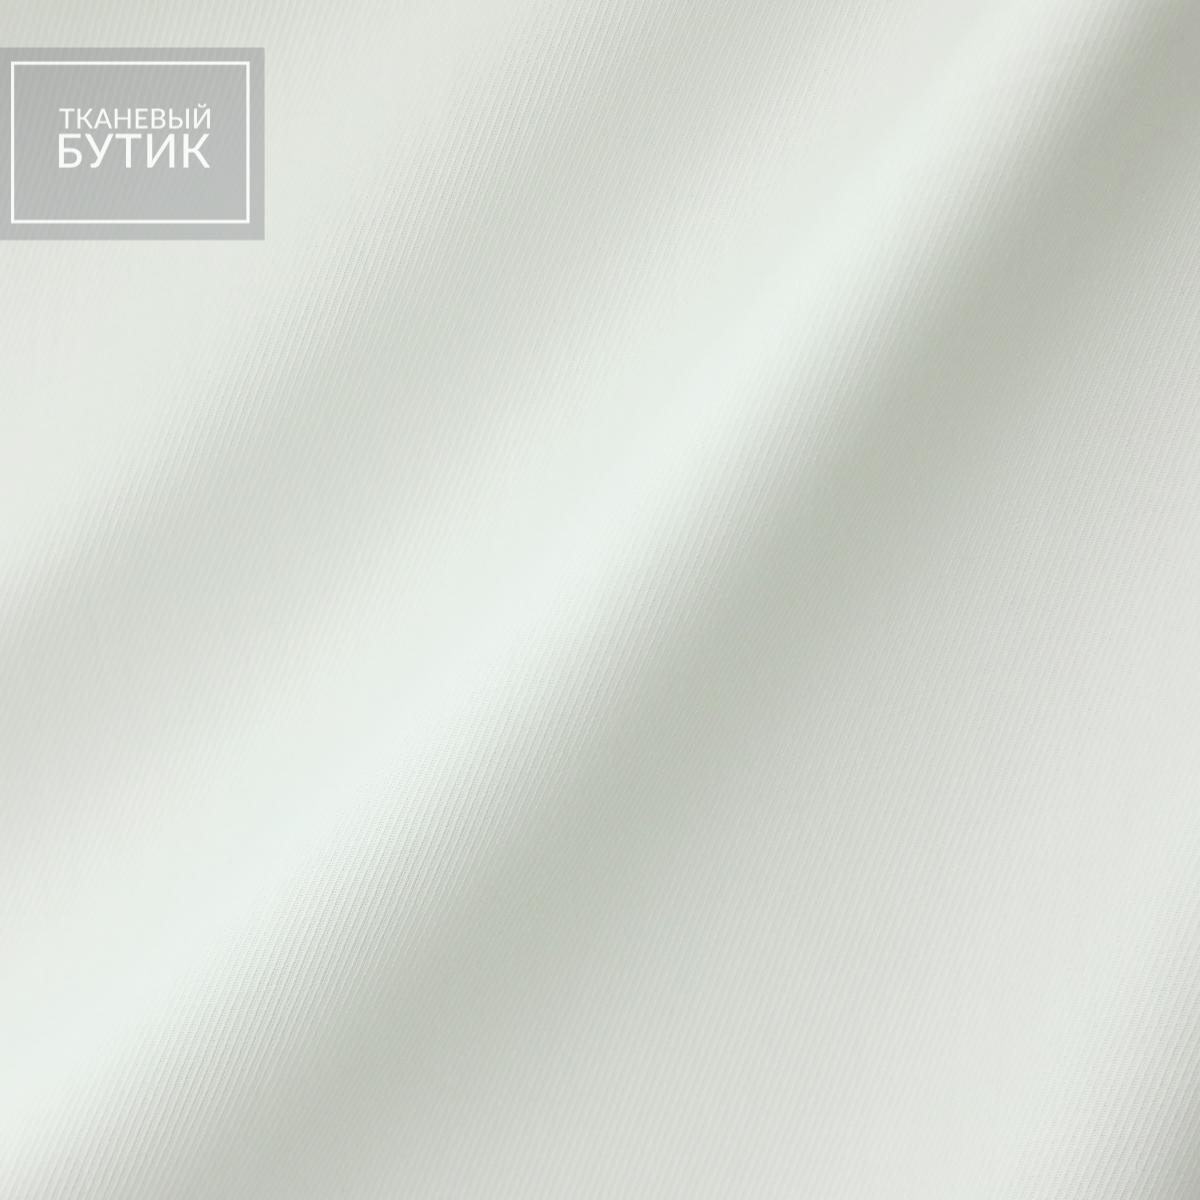 Мягкий белый хлопок в диагональ